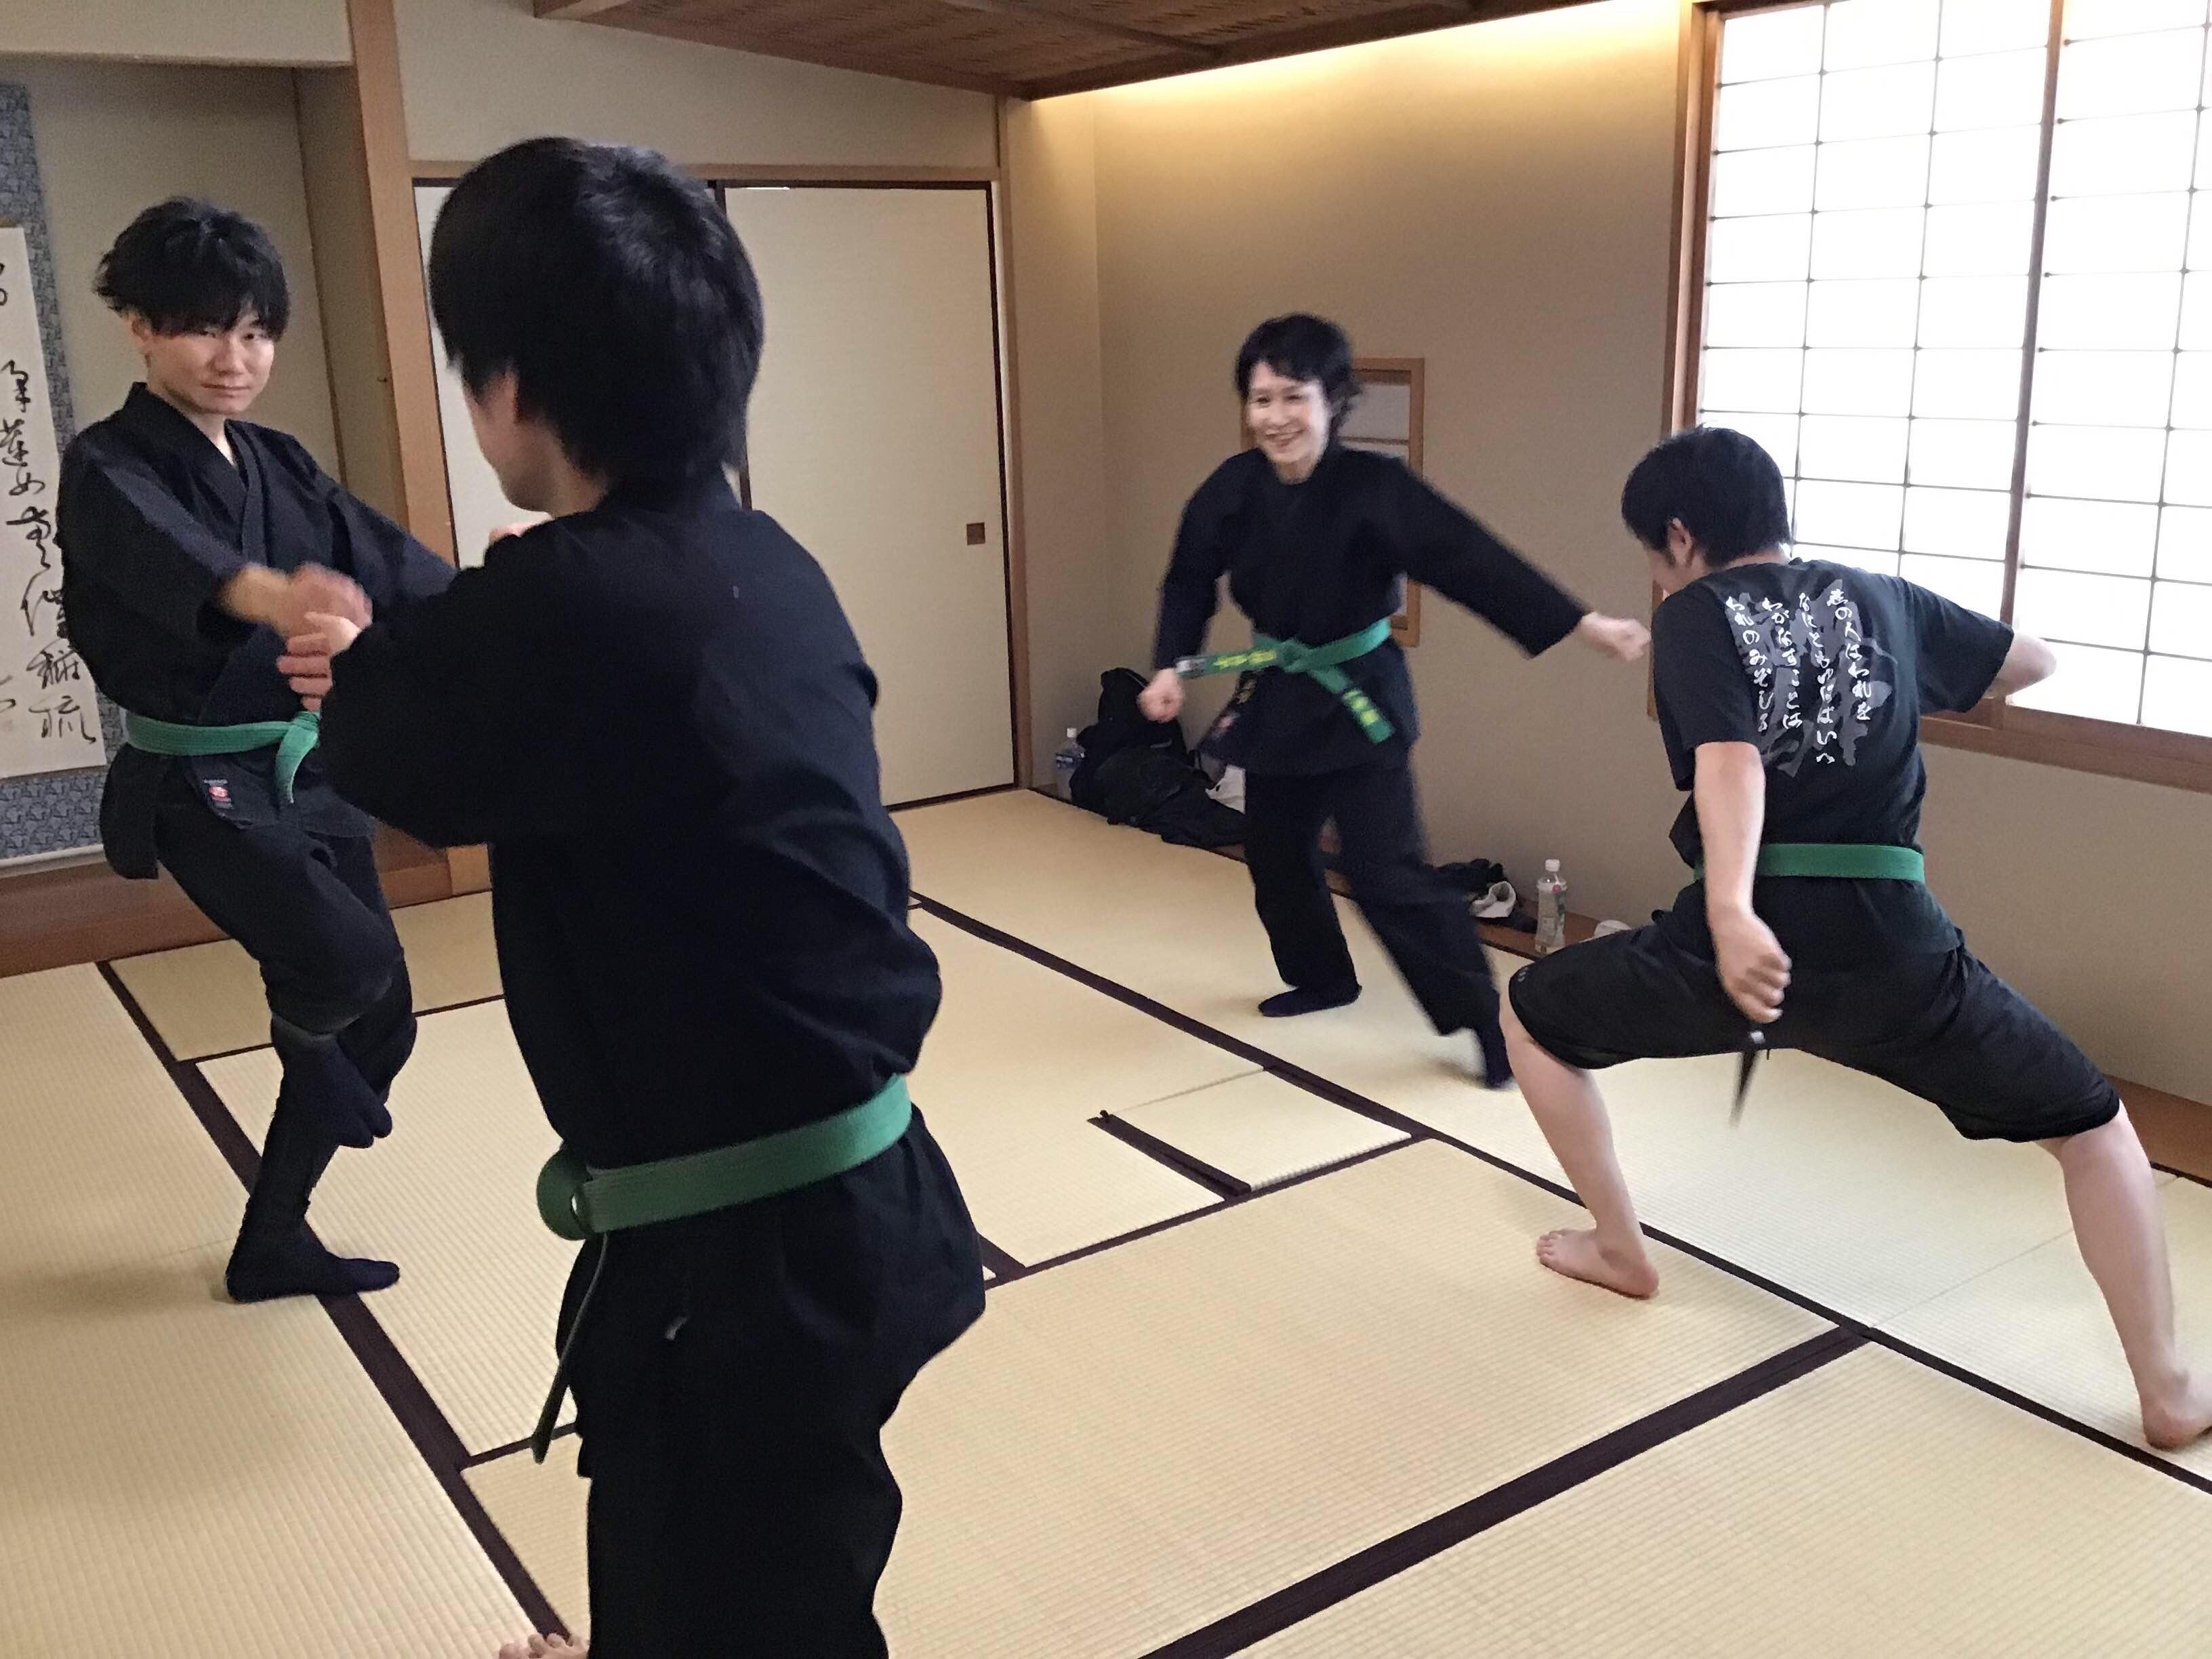 古武道/古武術/忍術 開成道場 新宿区教室